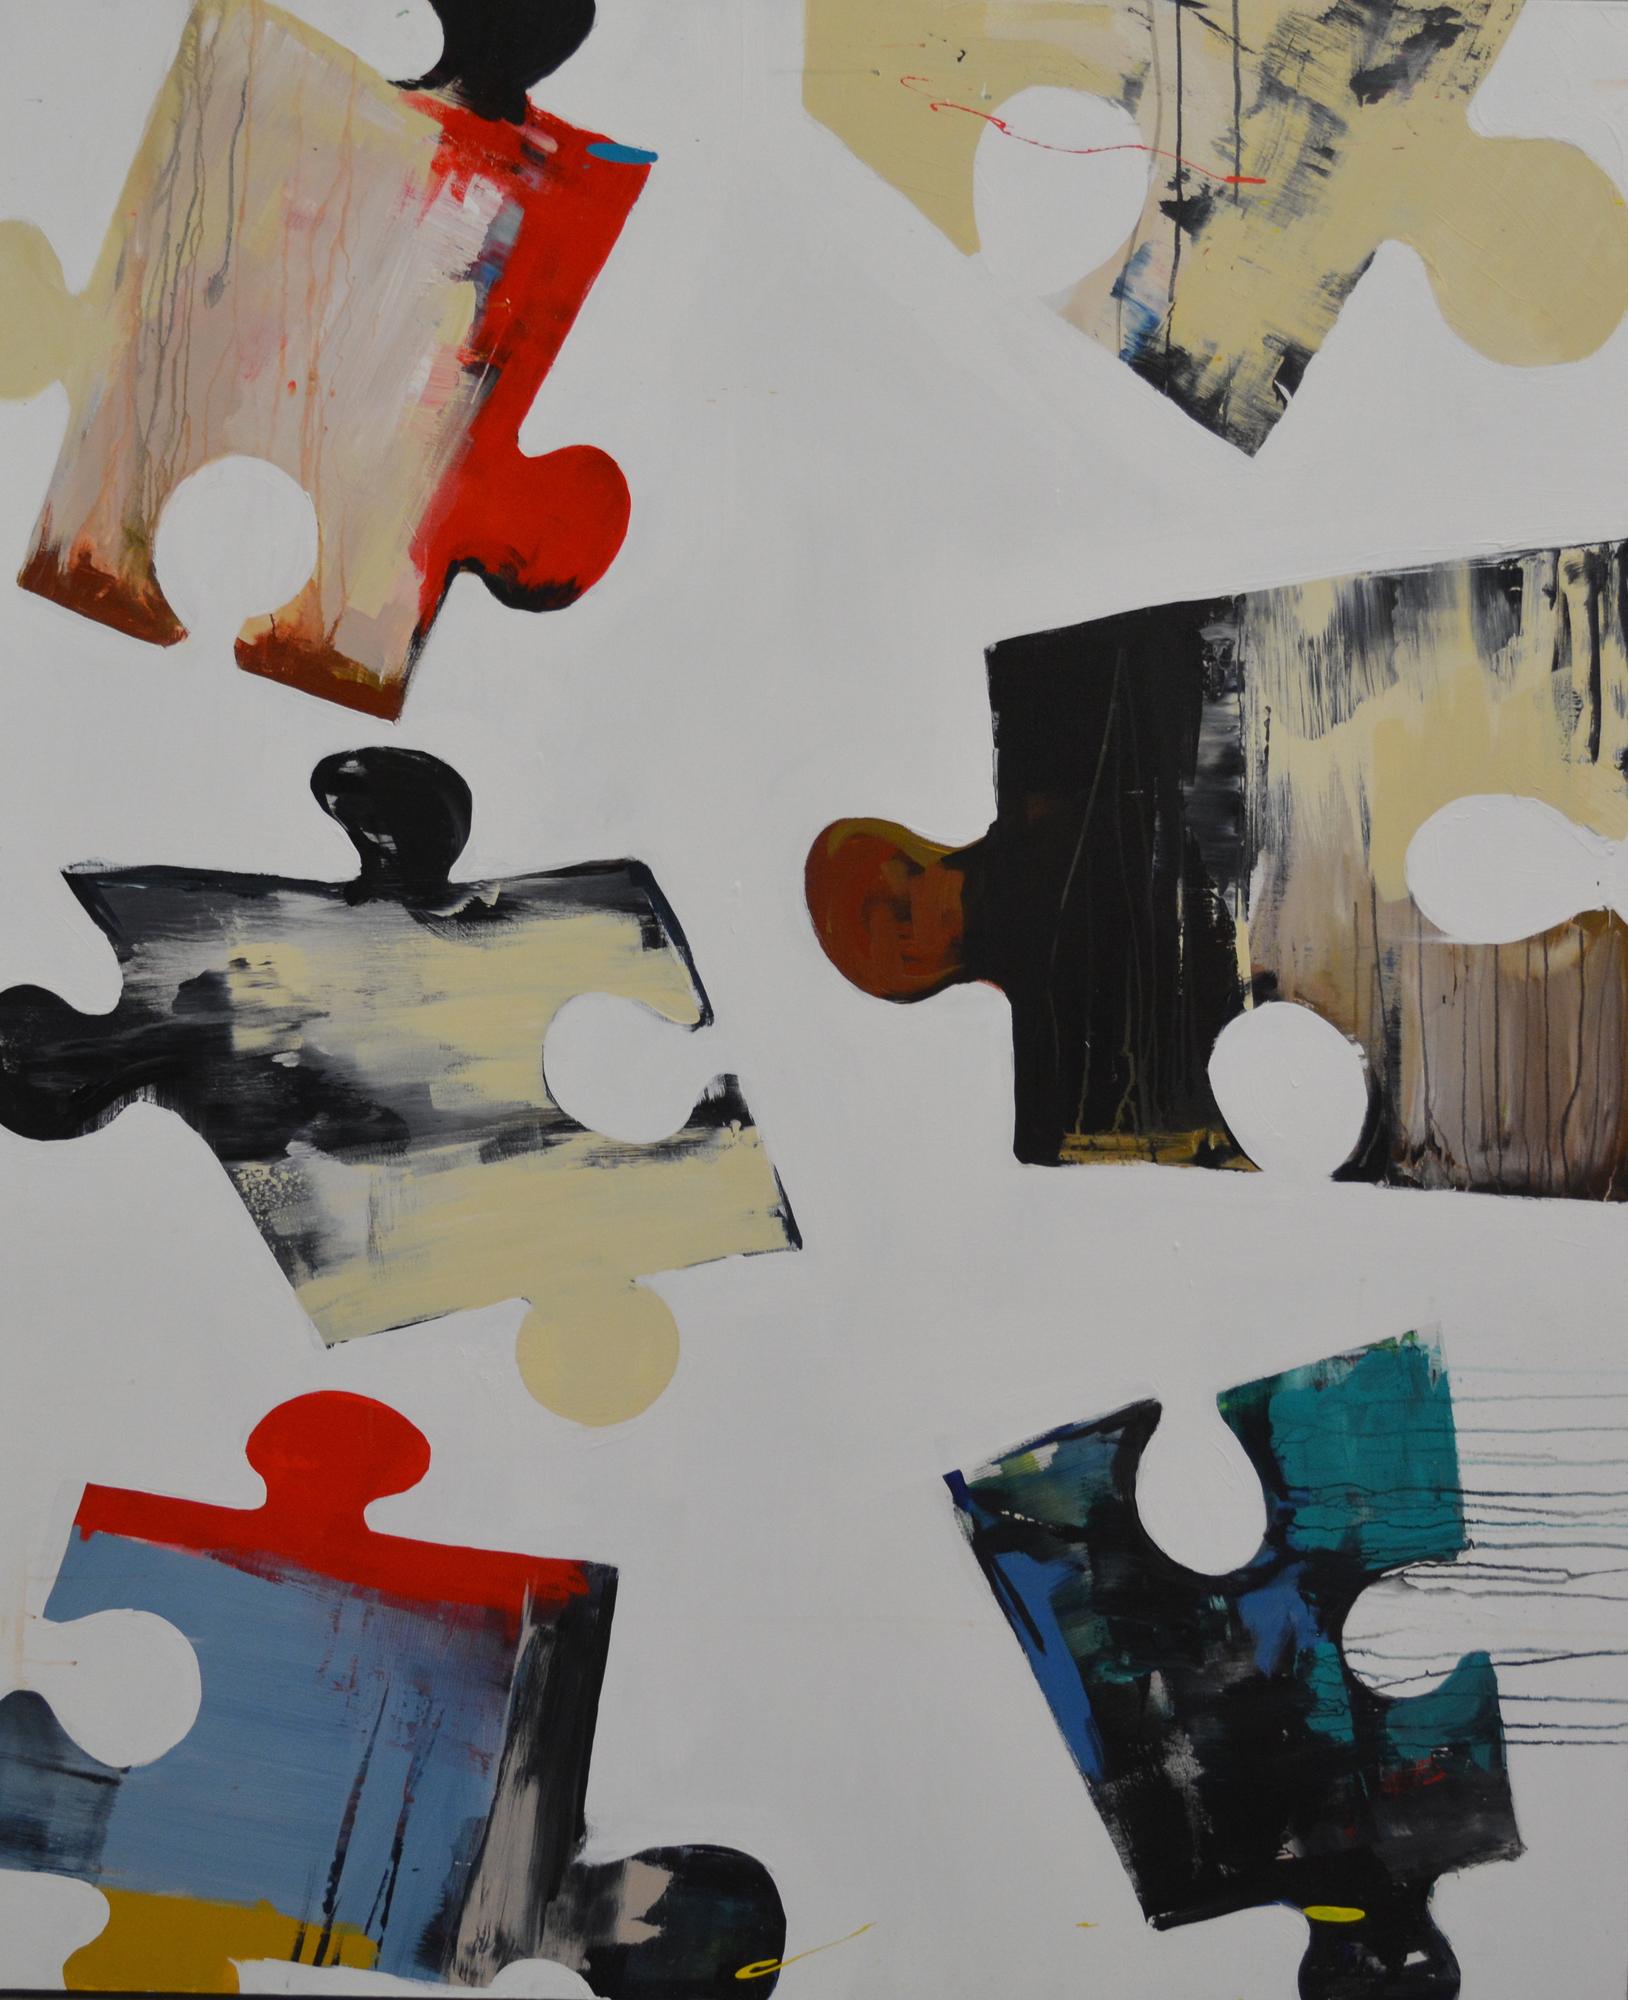 puzzle-paint-17-2.jpg